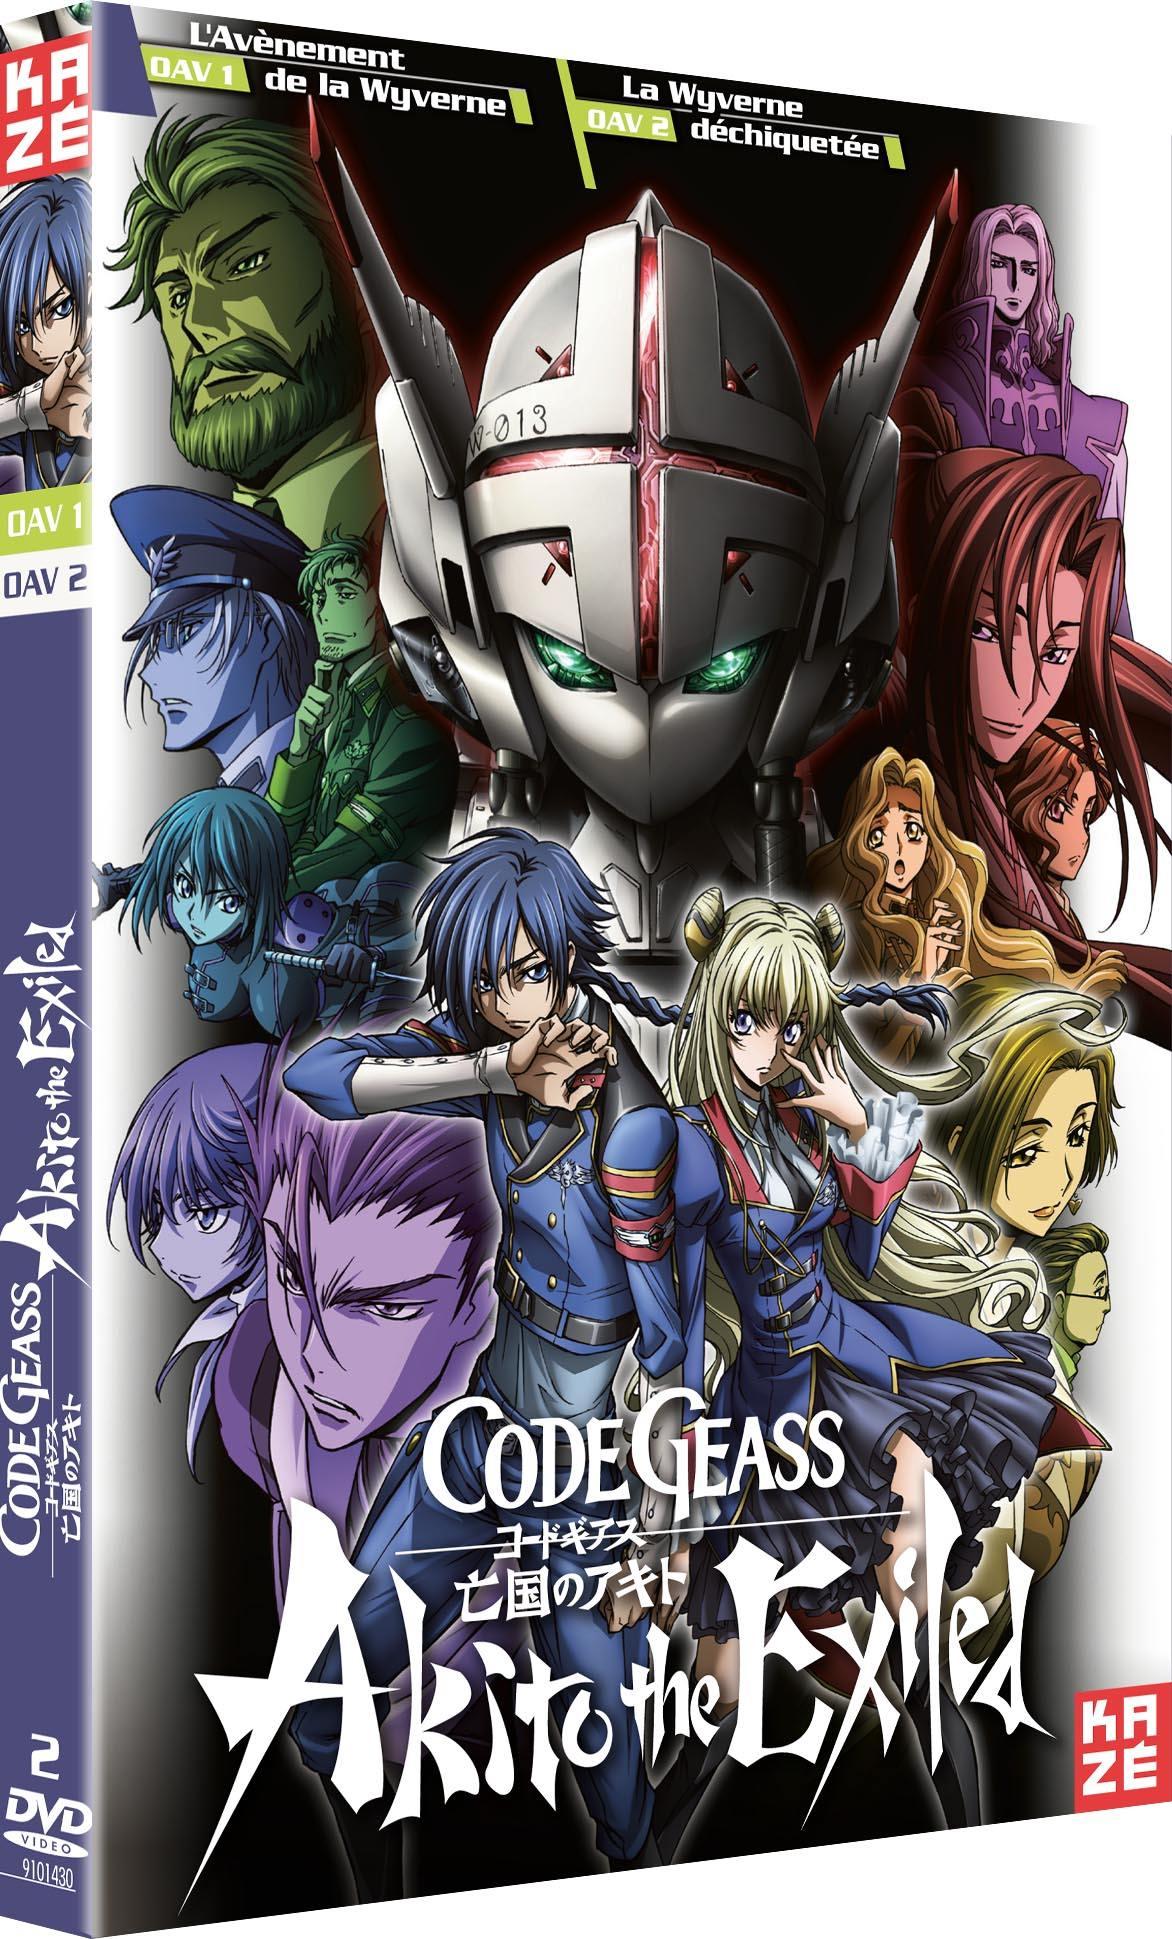 Code geass akito - the exiled - oav 1 et 2 - 2 dvd